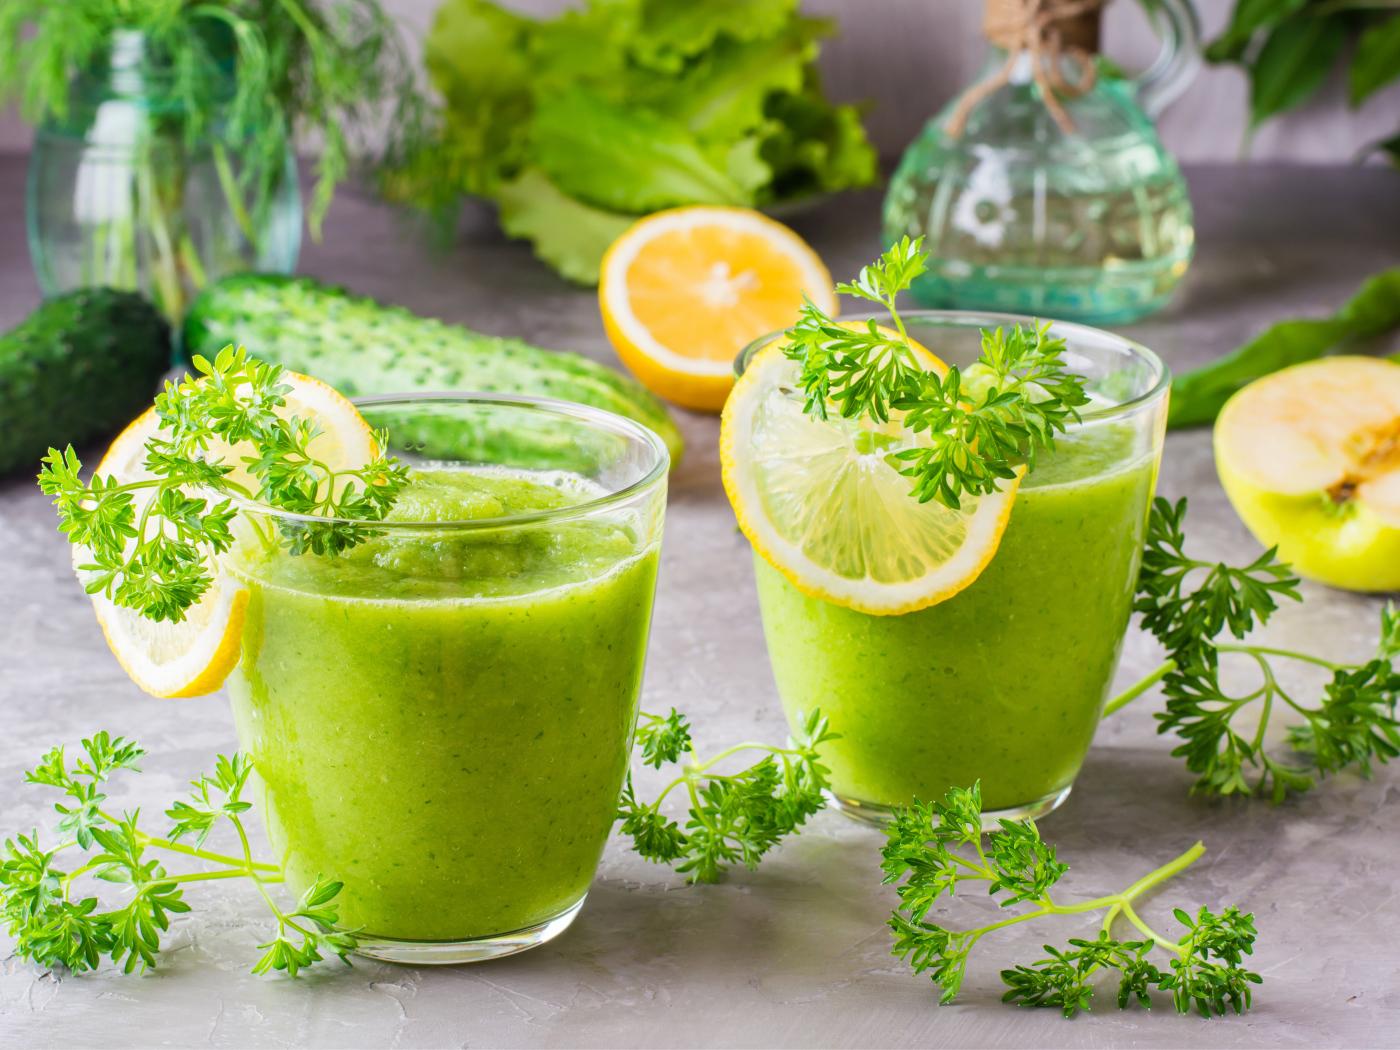 Петрушка И Лимон Для Похудения. Пей и худей. Напитки, которые помогут похудеть даже тем, кто не занимается спортом